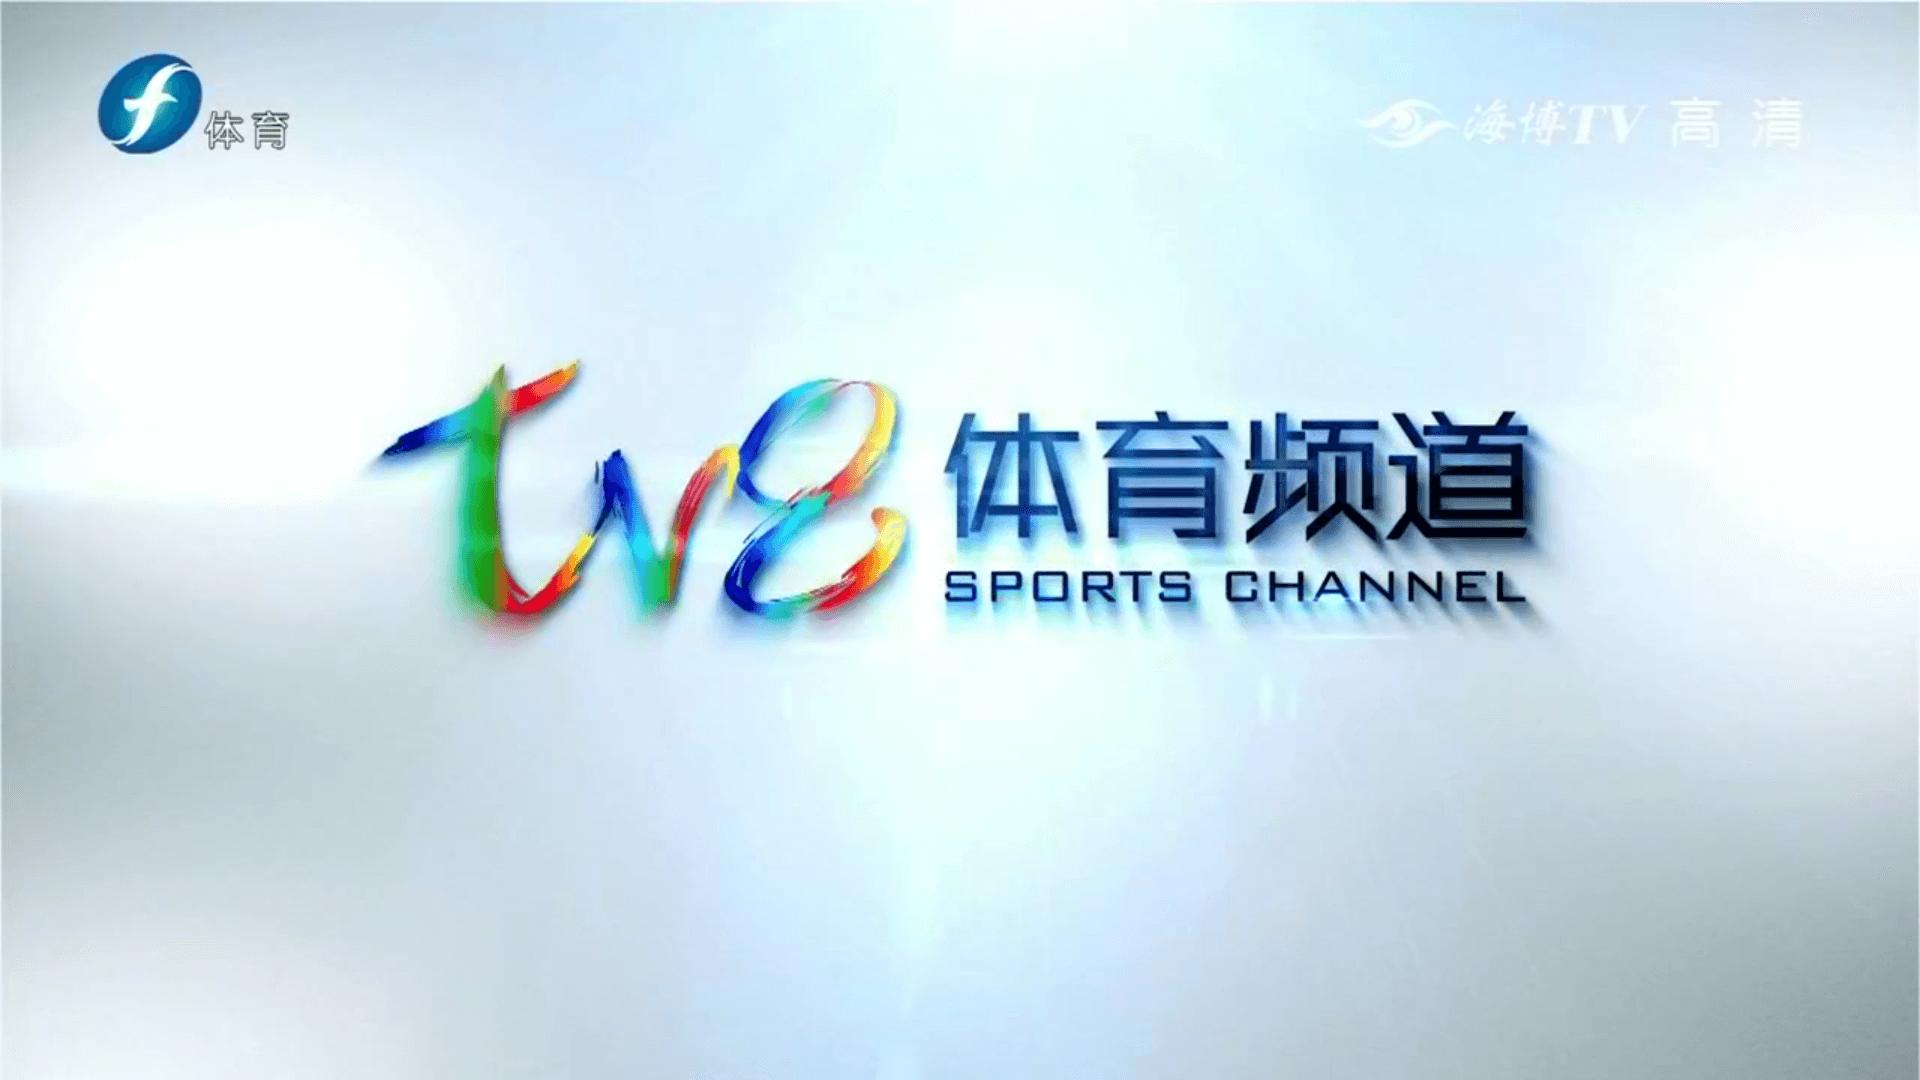 福建体育频道